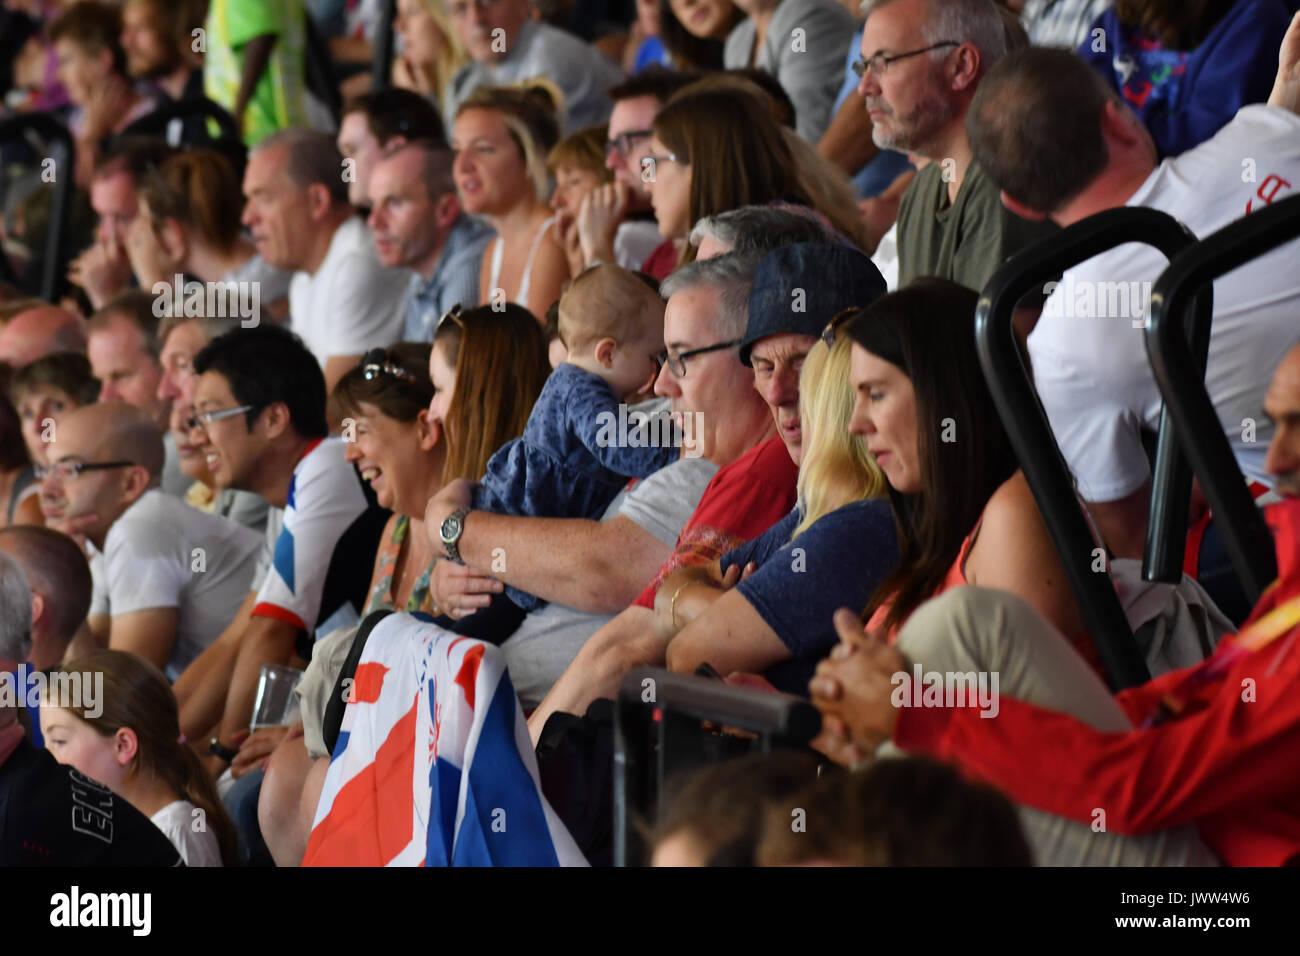 Queen Elizabeth Park, Londres, Reino Unido. 12 Aug, 2017. Campeonatos Mundiales de la IAAF. Día 10. Crédito: Matthew Chattle/Alamy Live News Foto de stock